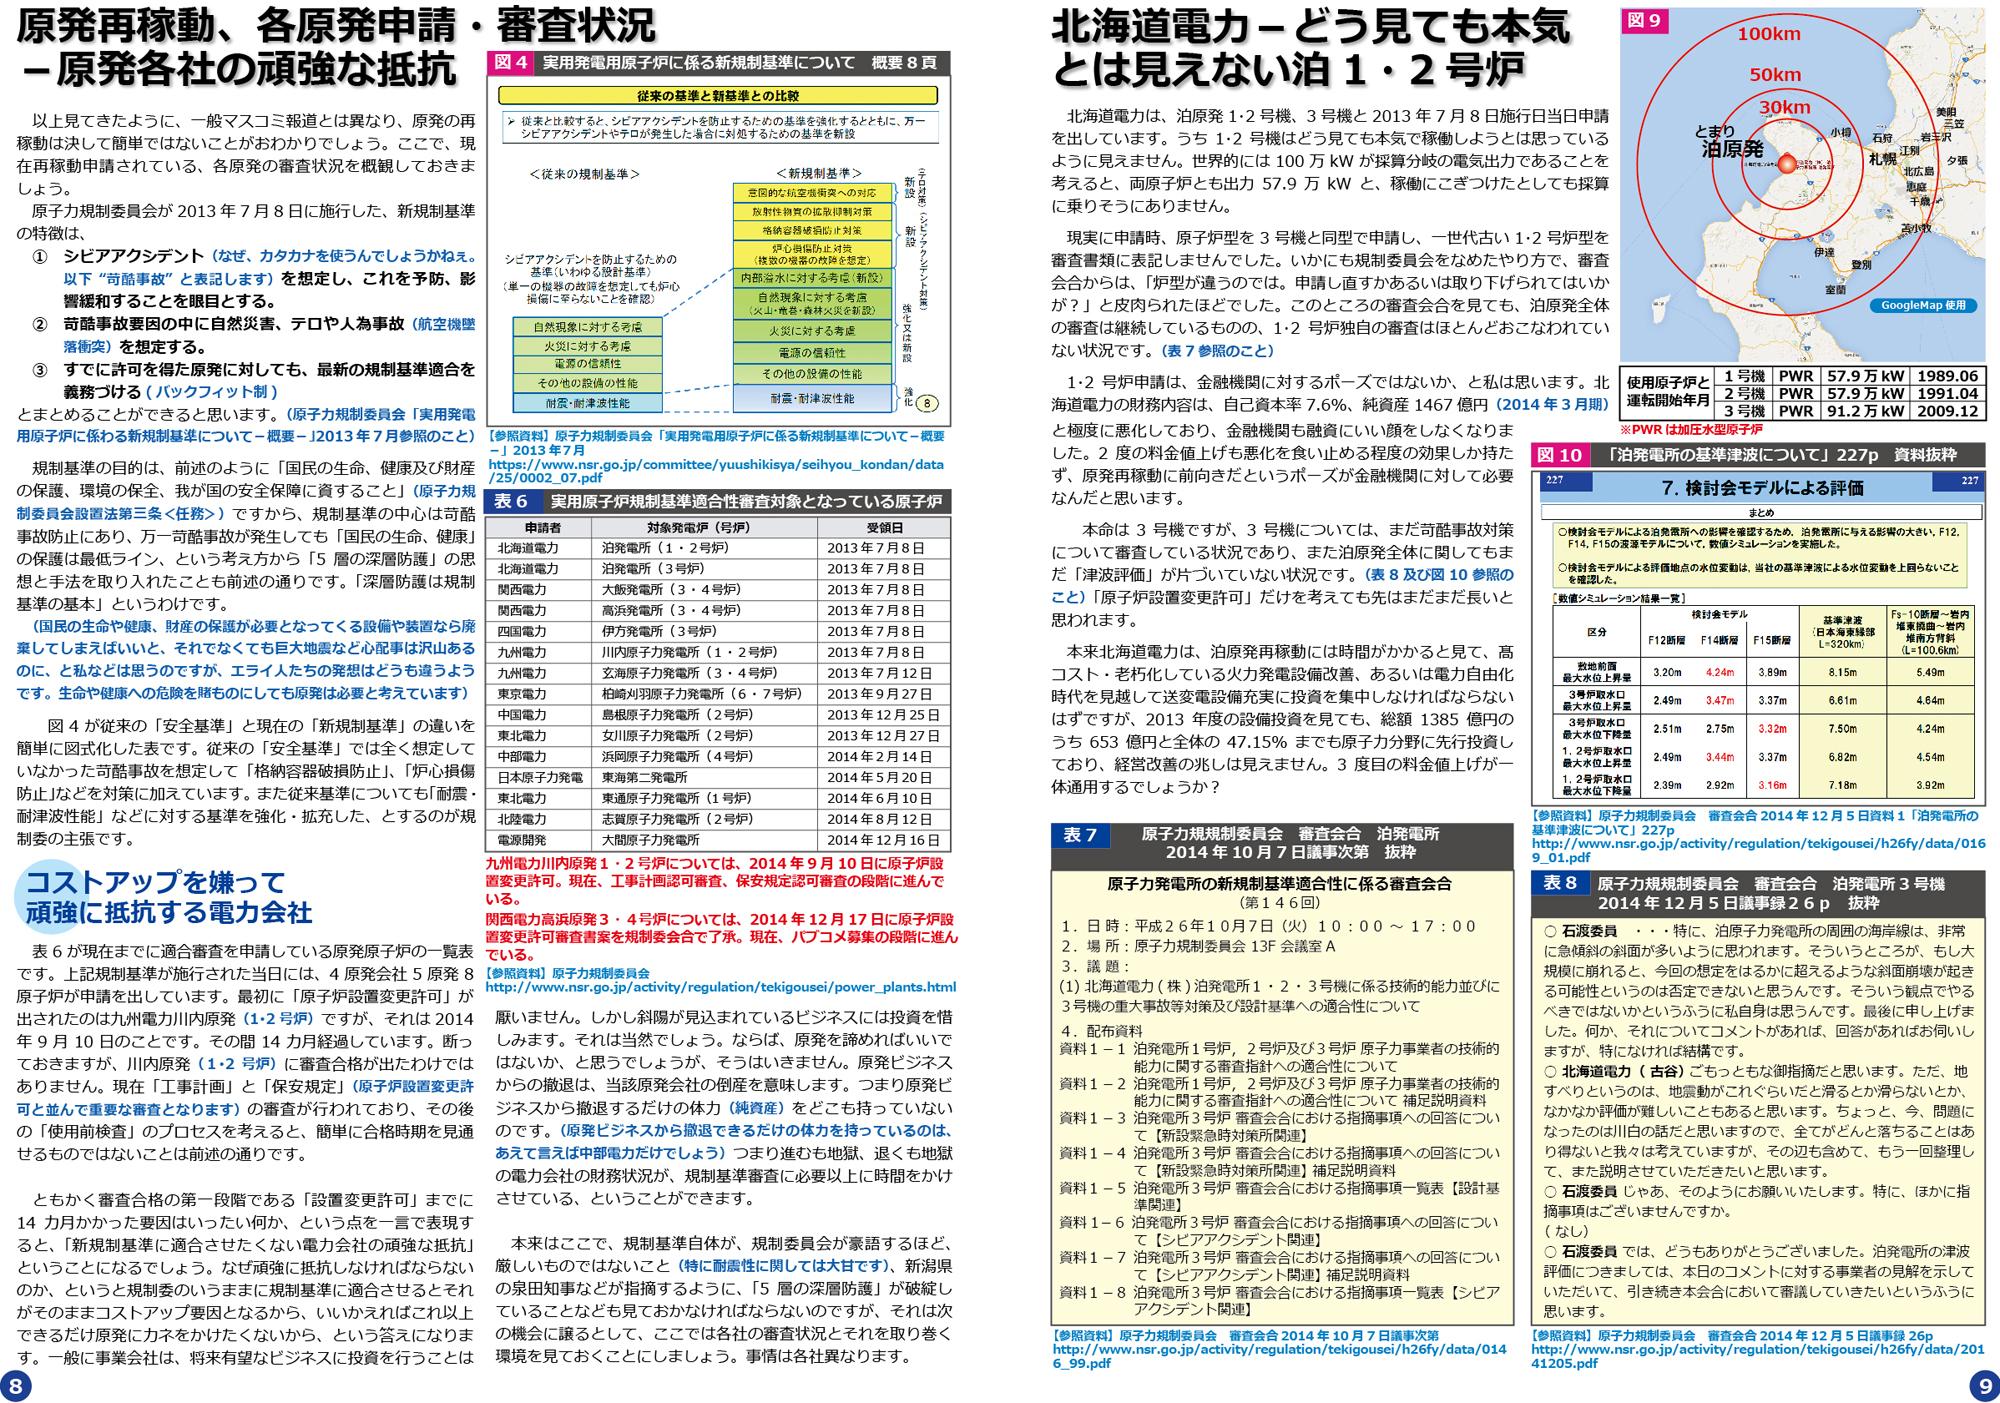 ファイル 380-5.jpg